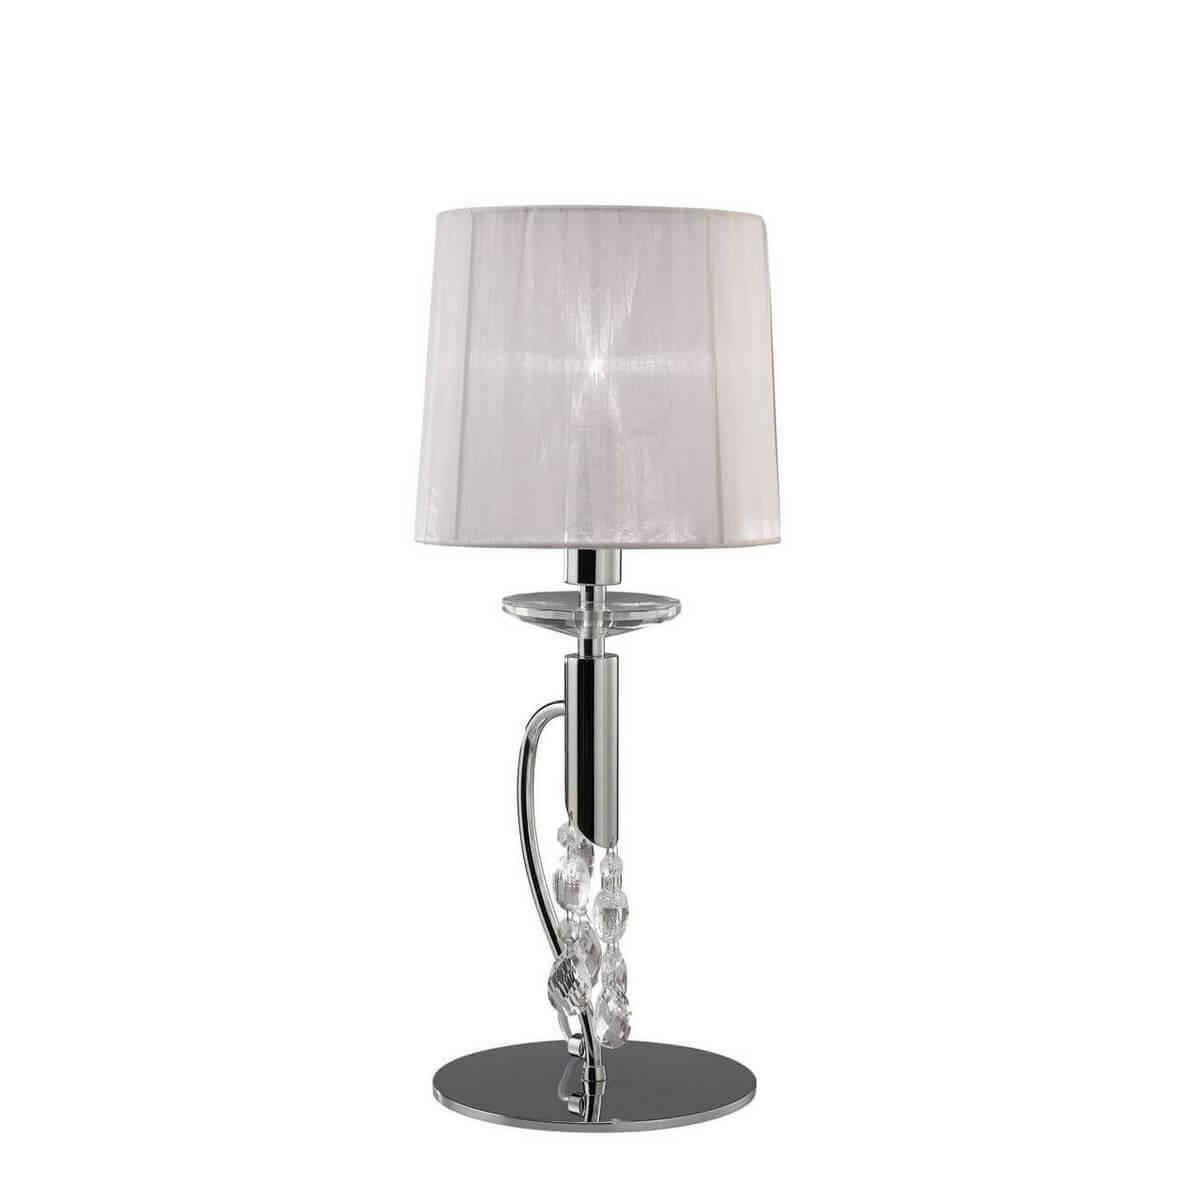 цена на Настольная лампа Mantra 3868 Tiffany